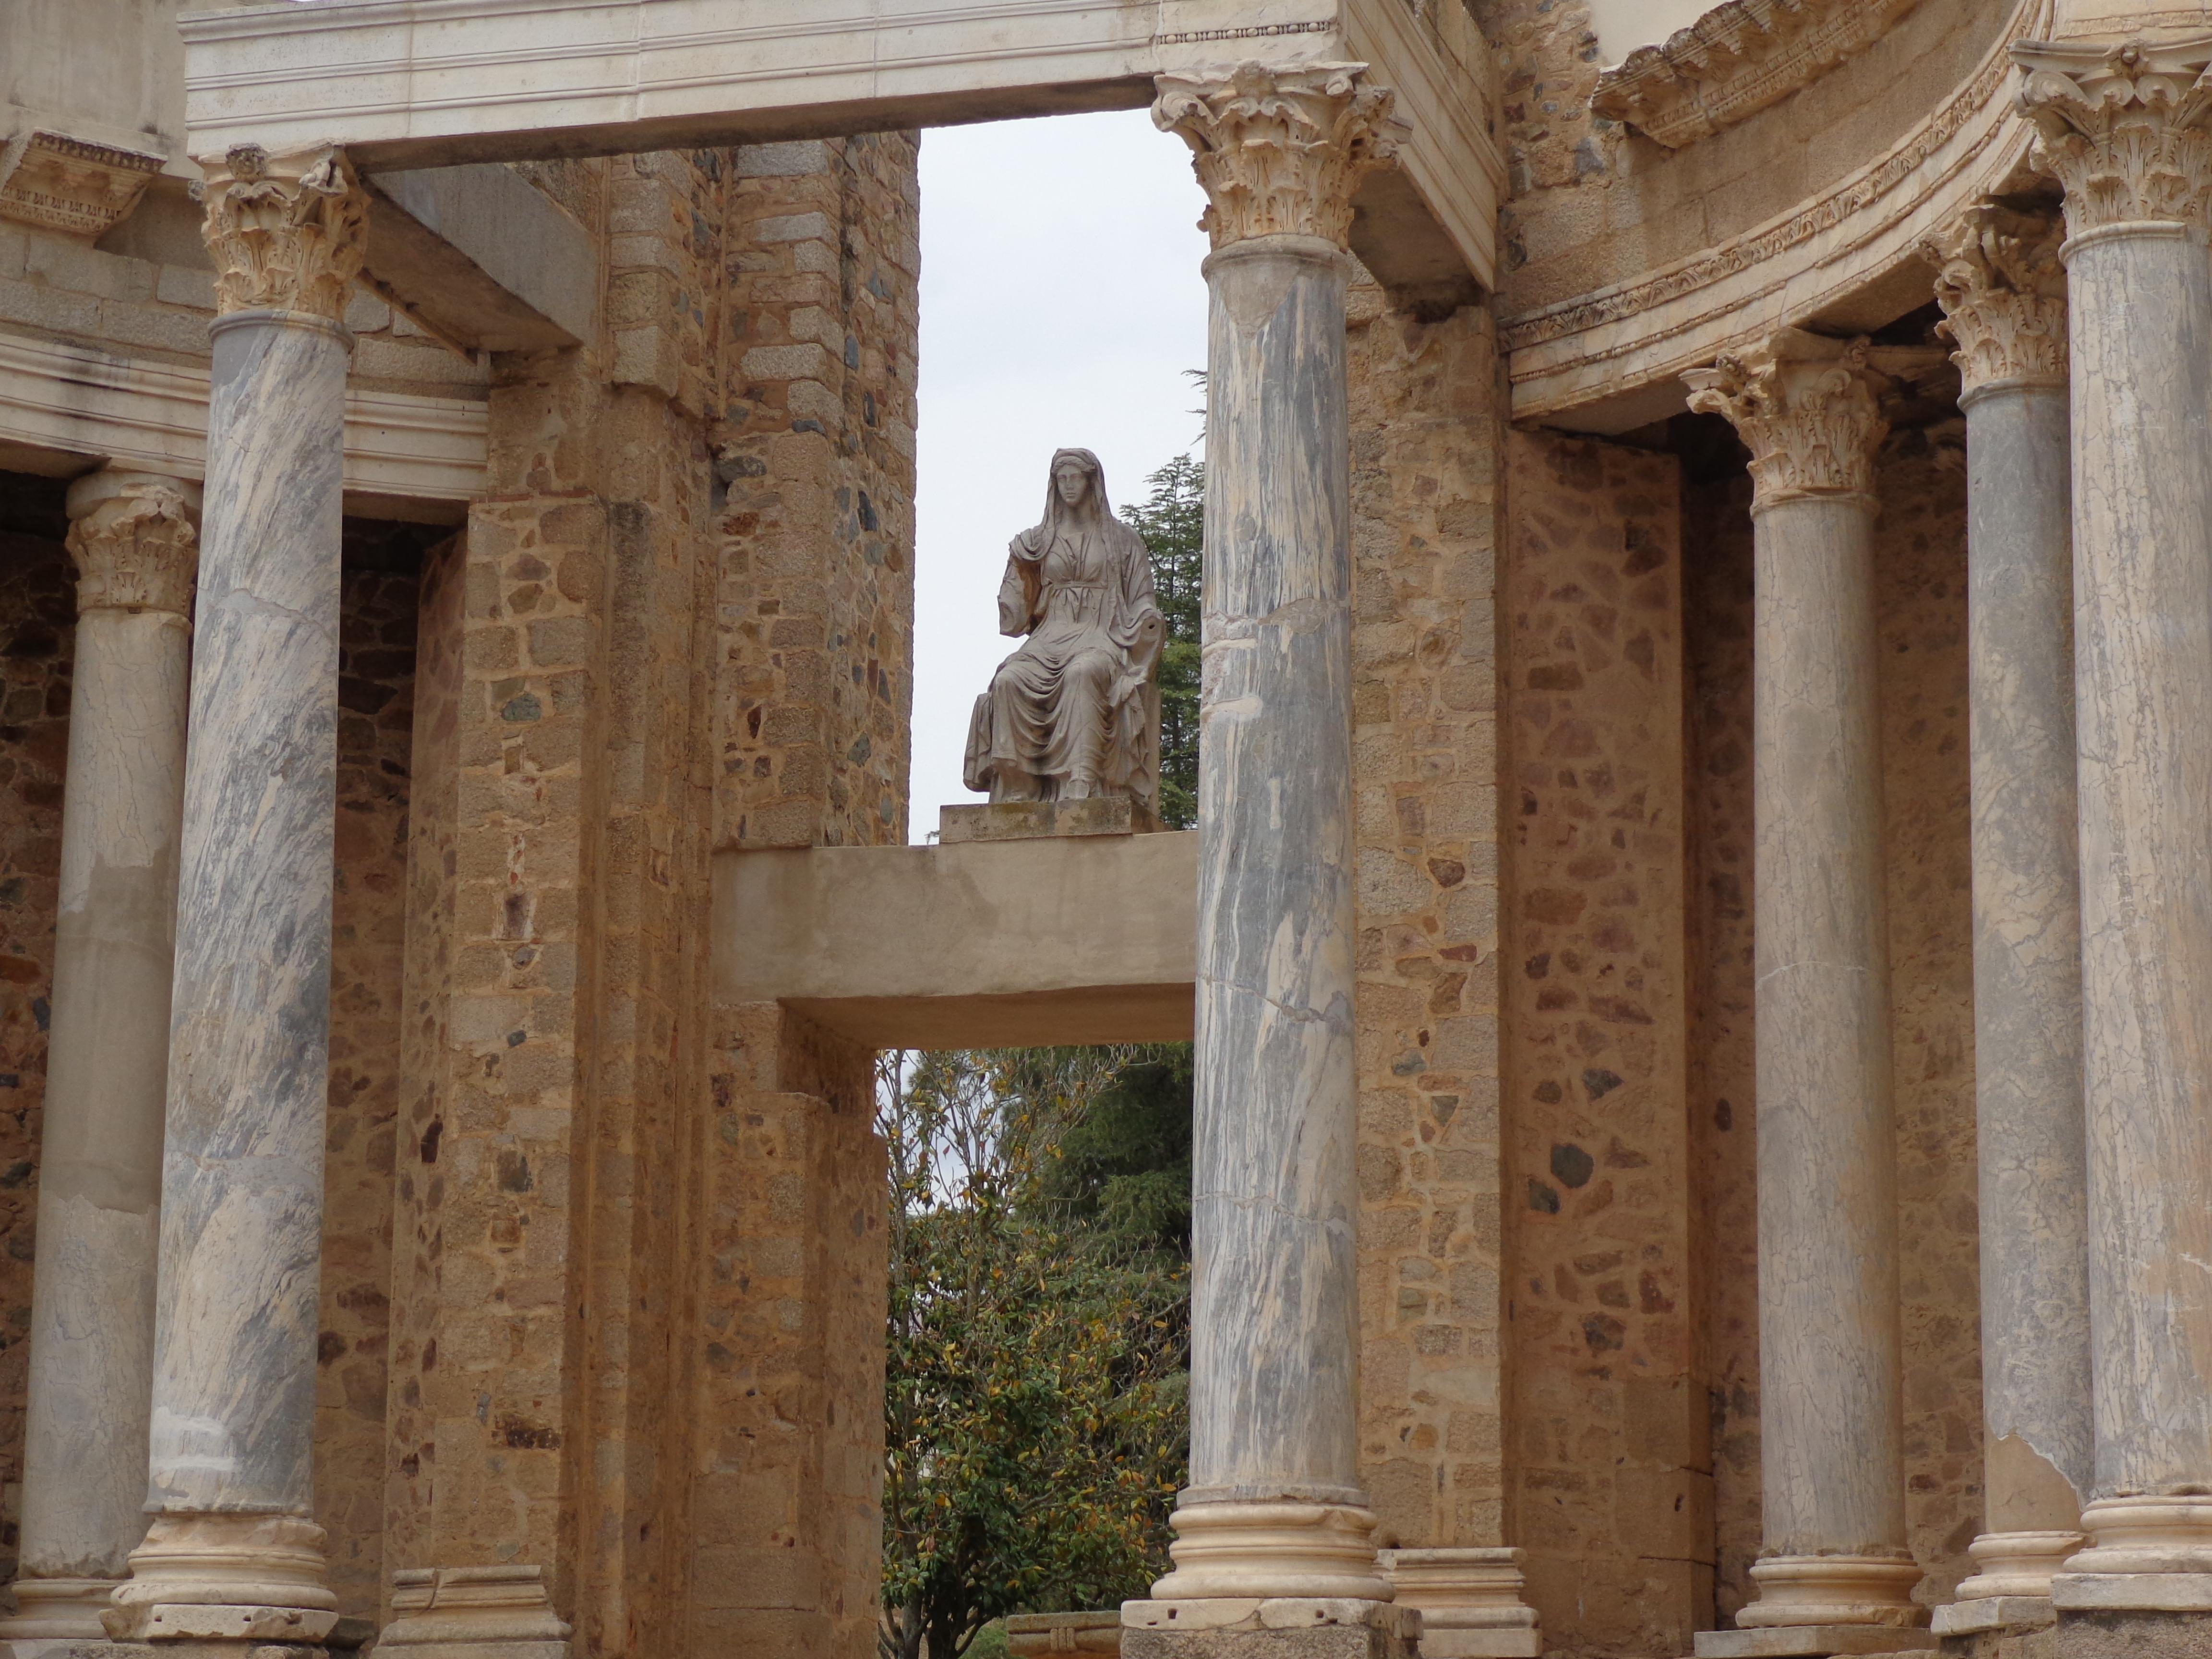 La Diosa Ceres en Teatro Romano, Mérida